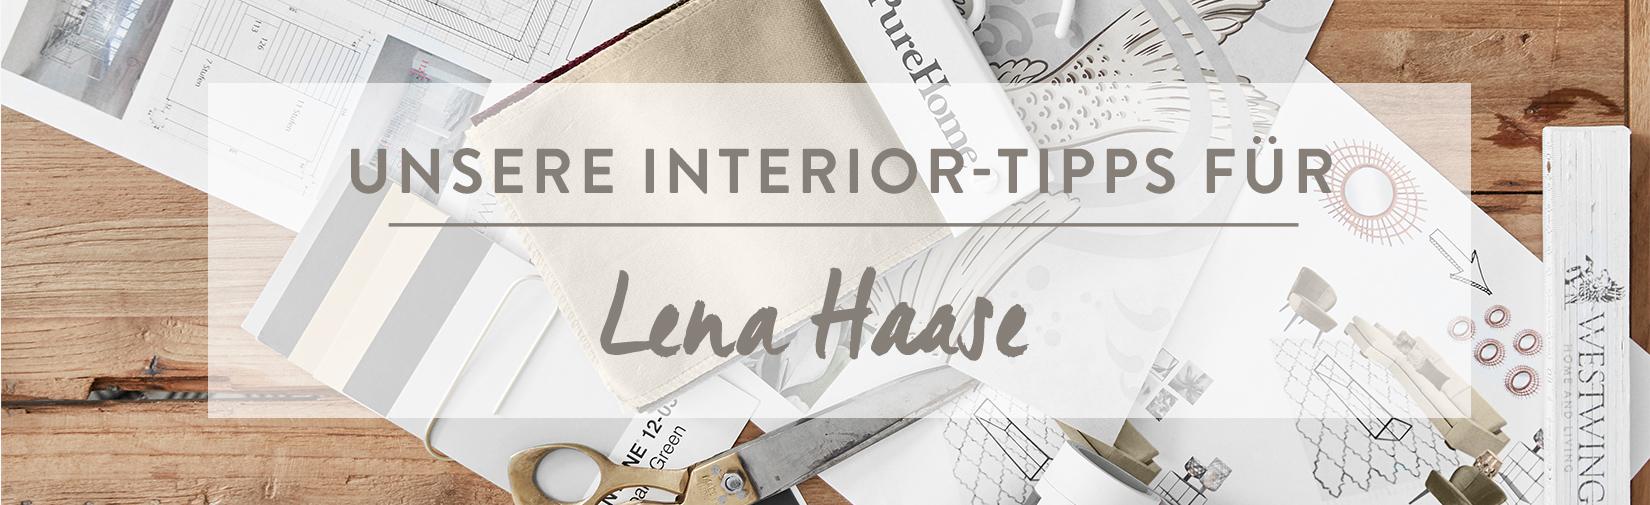 LP_Lena_Haase_Desktop